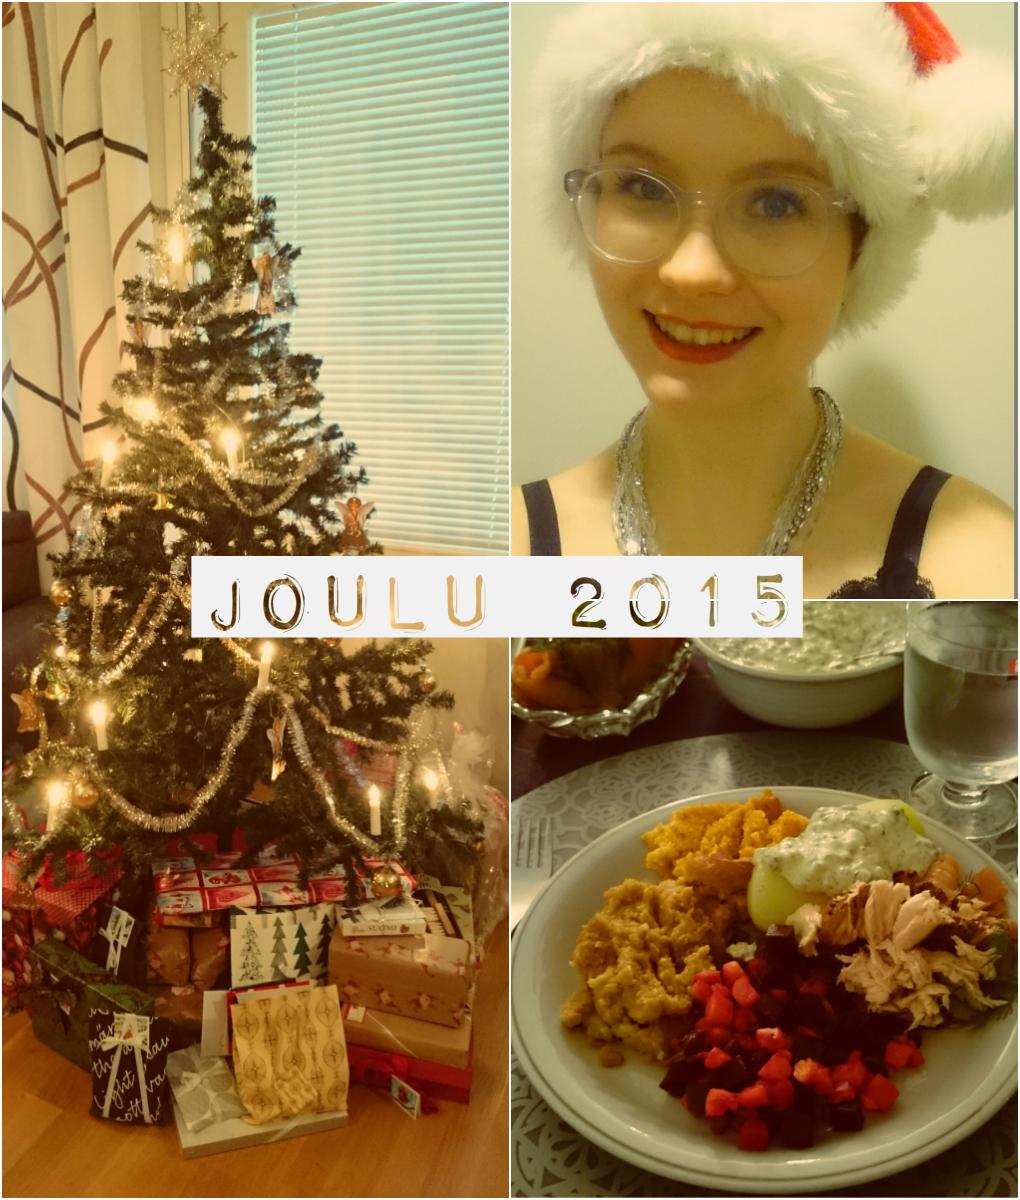 Jouluaatto ja lahjasaalis